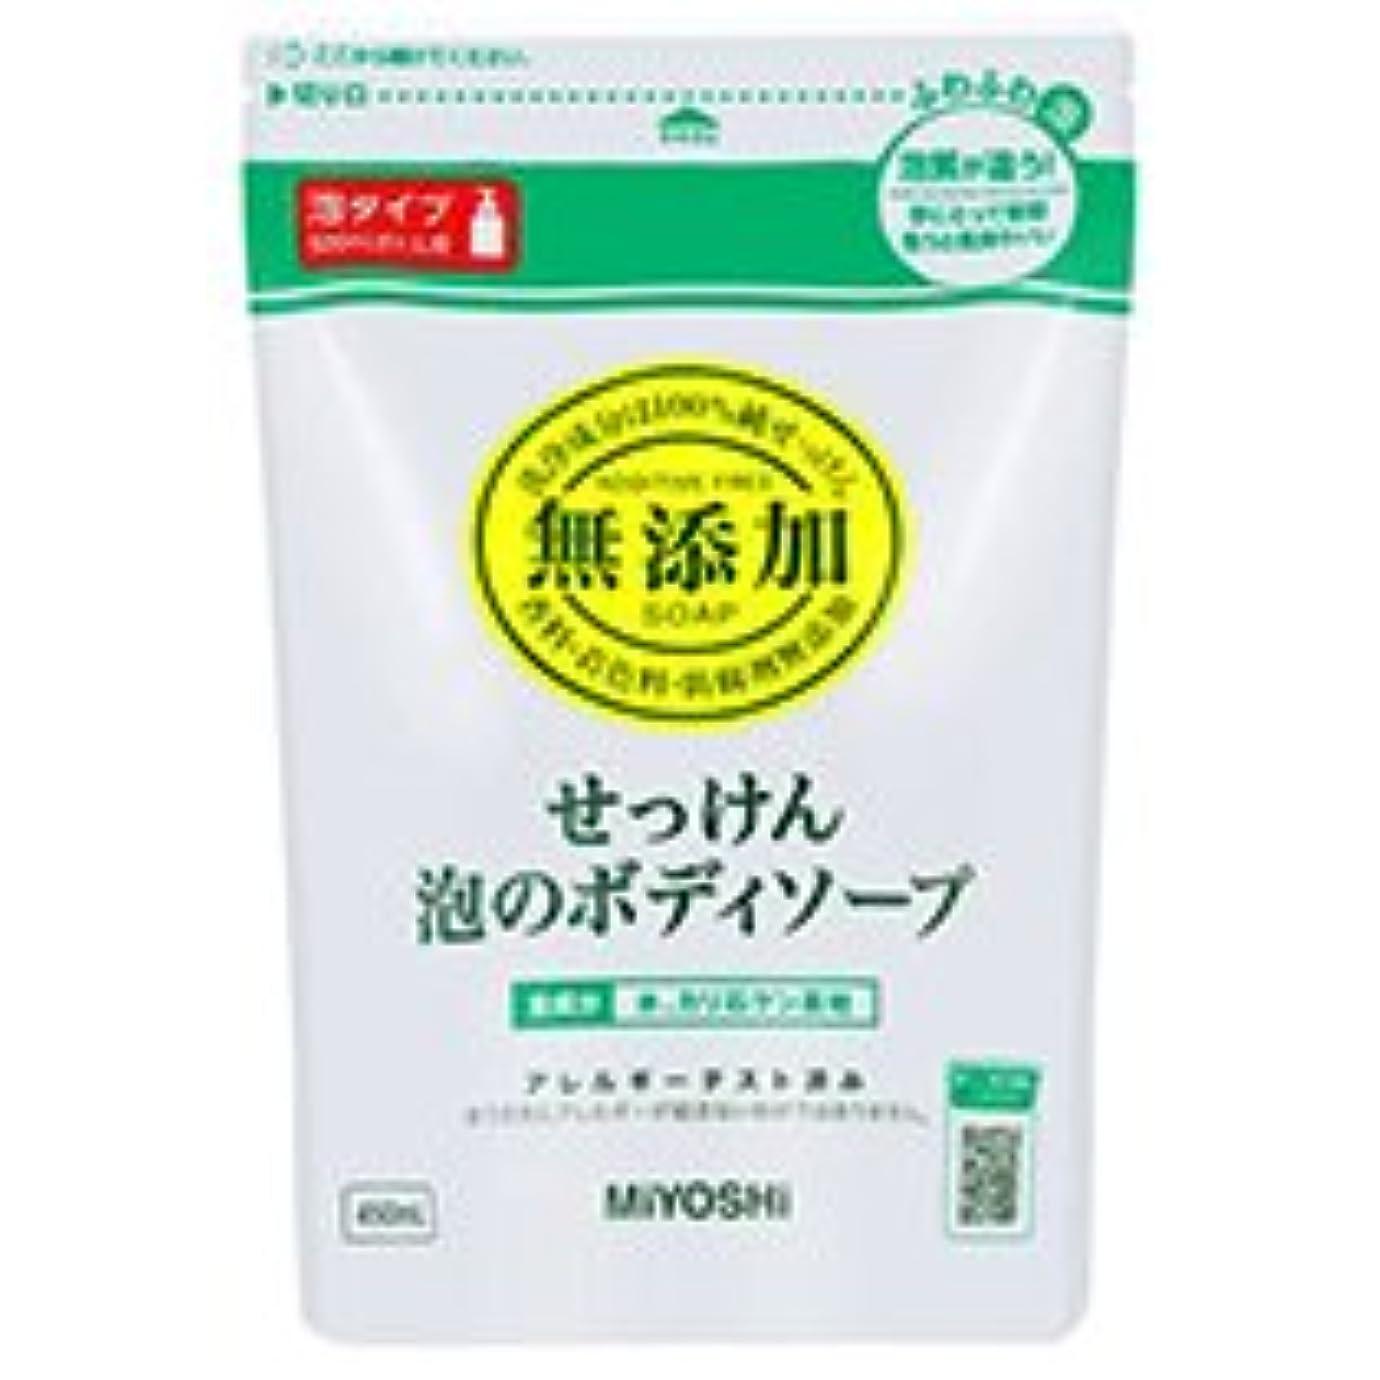 マーカーオーバーフロー早めるミヨシ石鹸 無添加せっけん 泡のボディソープ 詰替用 450ml 1個